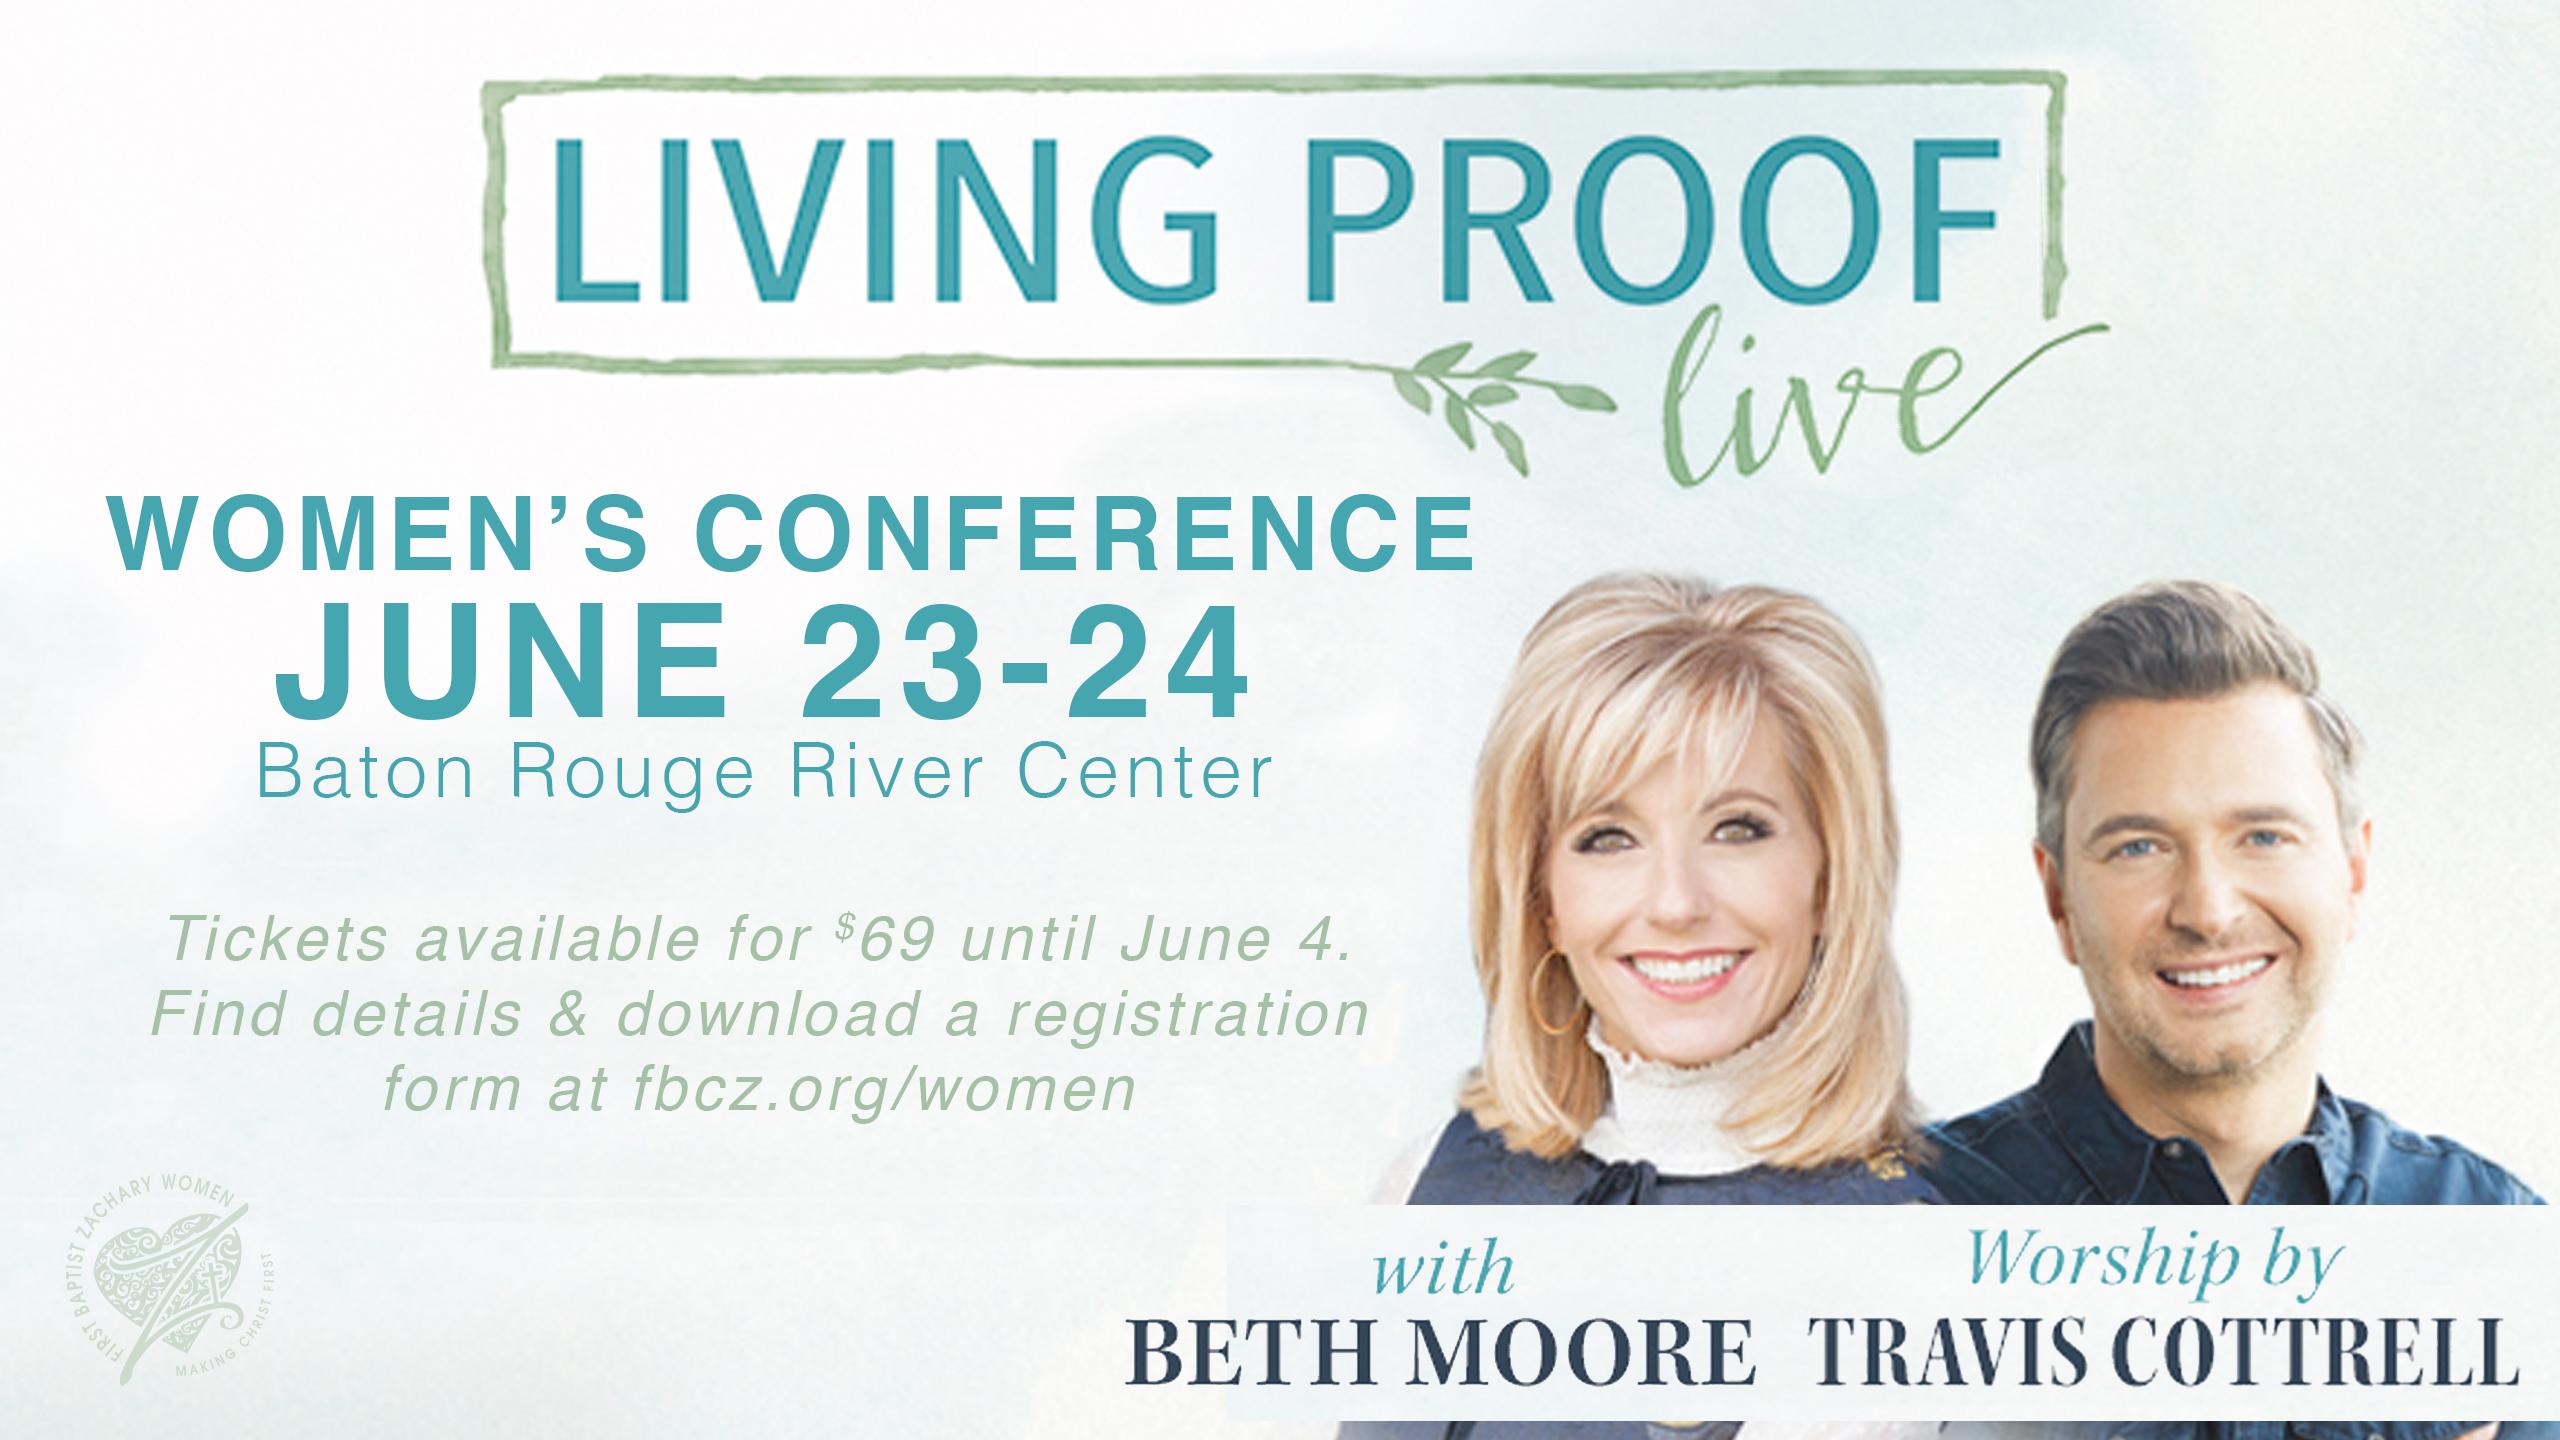 LivingProofConf2017